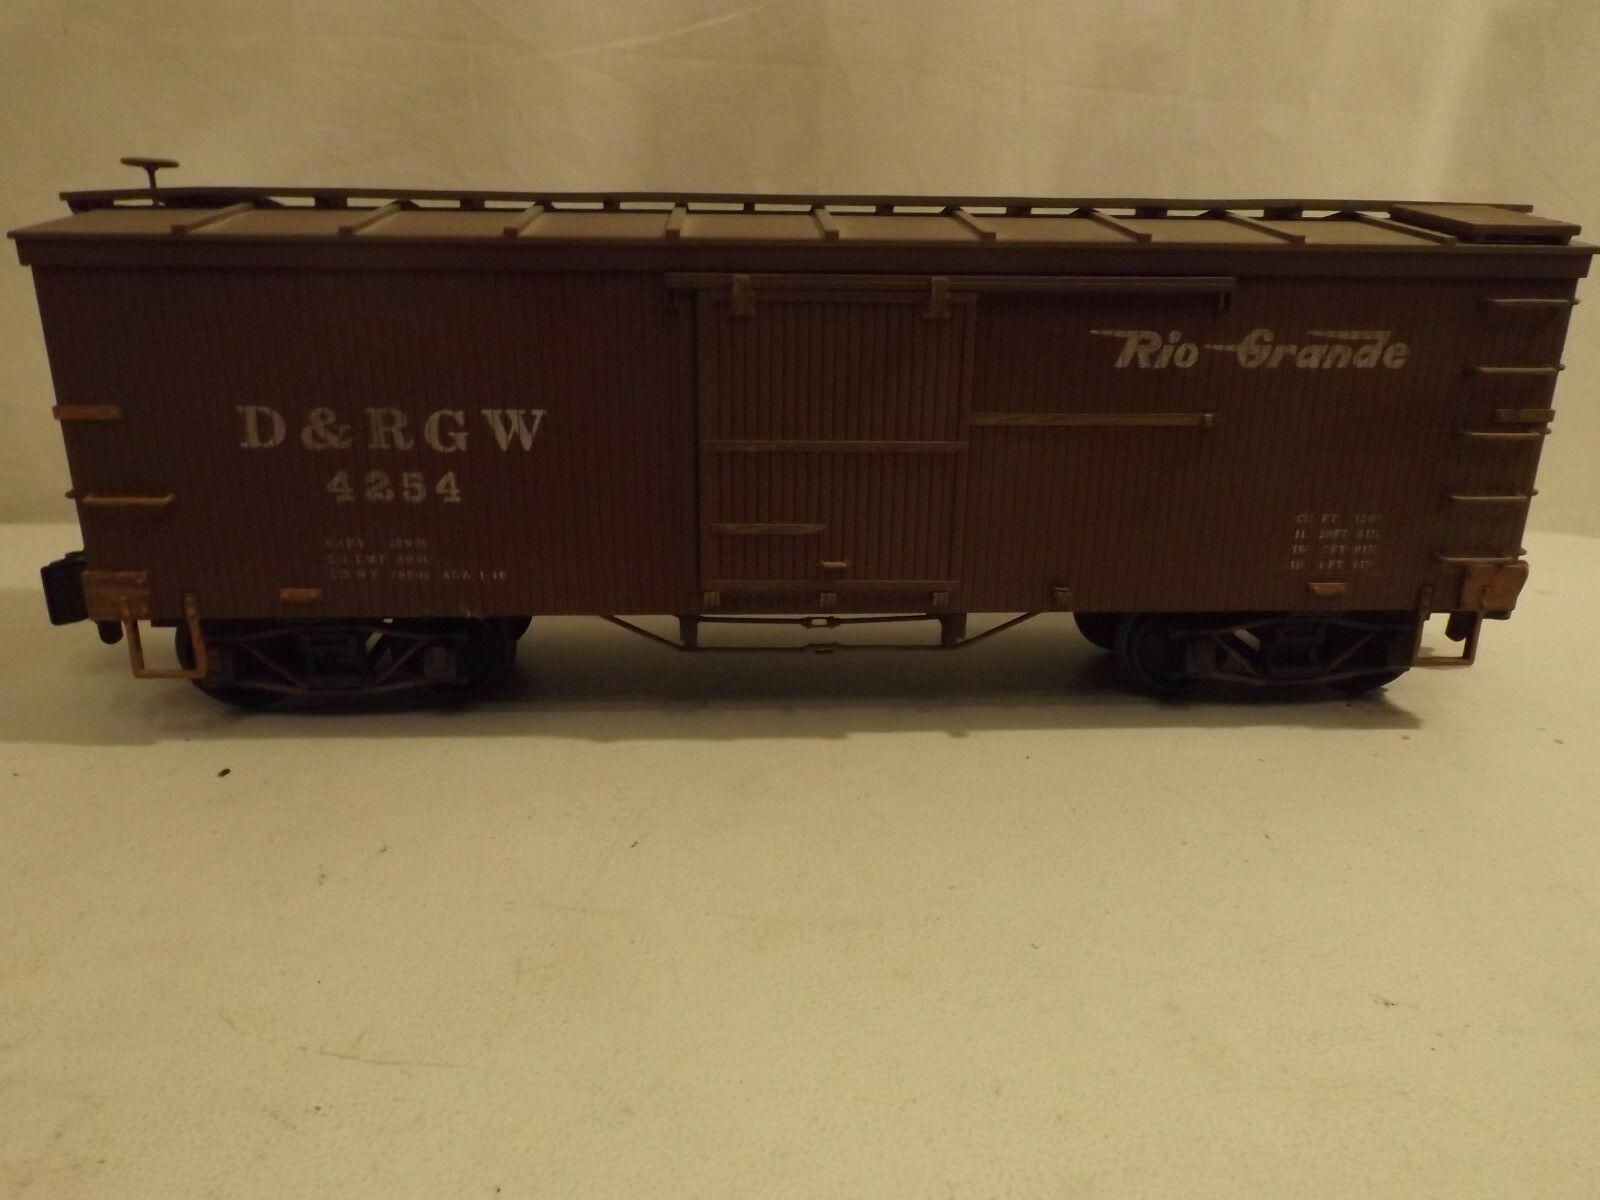 G scale Delton Delton Delton D&RGW boxcar in original box 11e28a